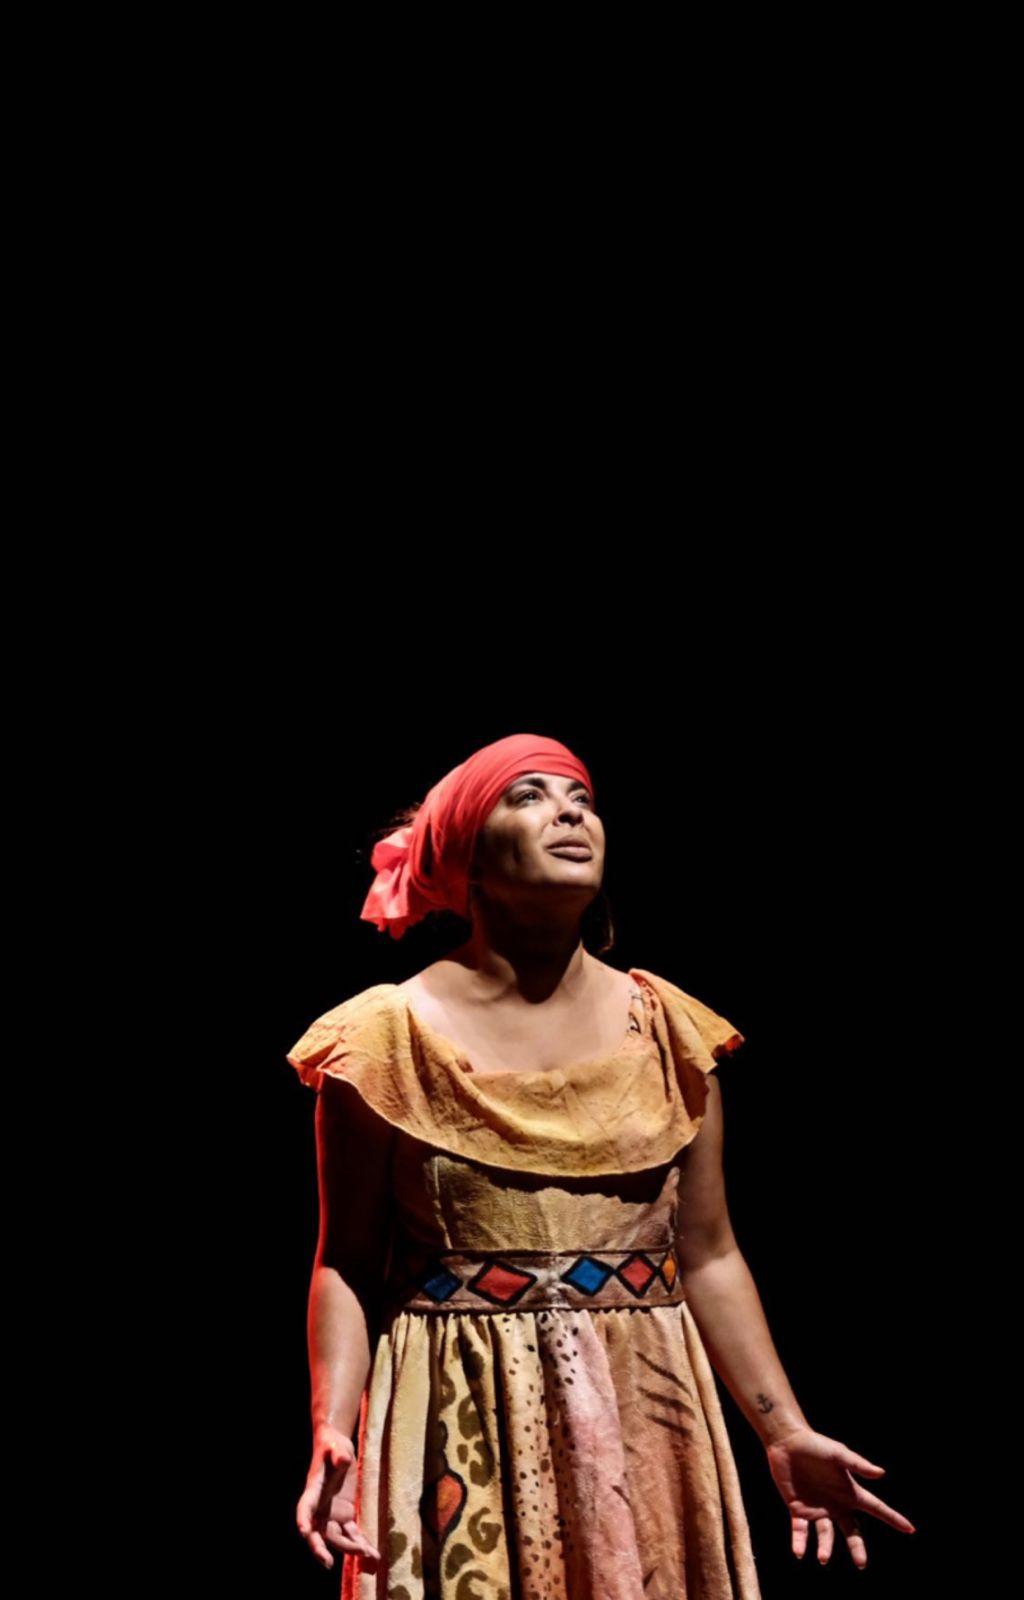 """Gyselle Soares durante a peça """"Uma escrava chamada Esperança"""" - Foto: Tibério Hélio"""